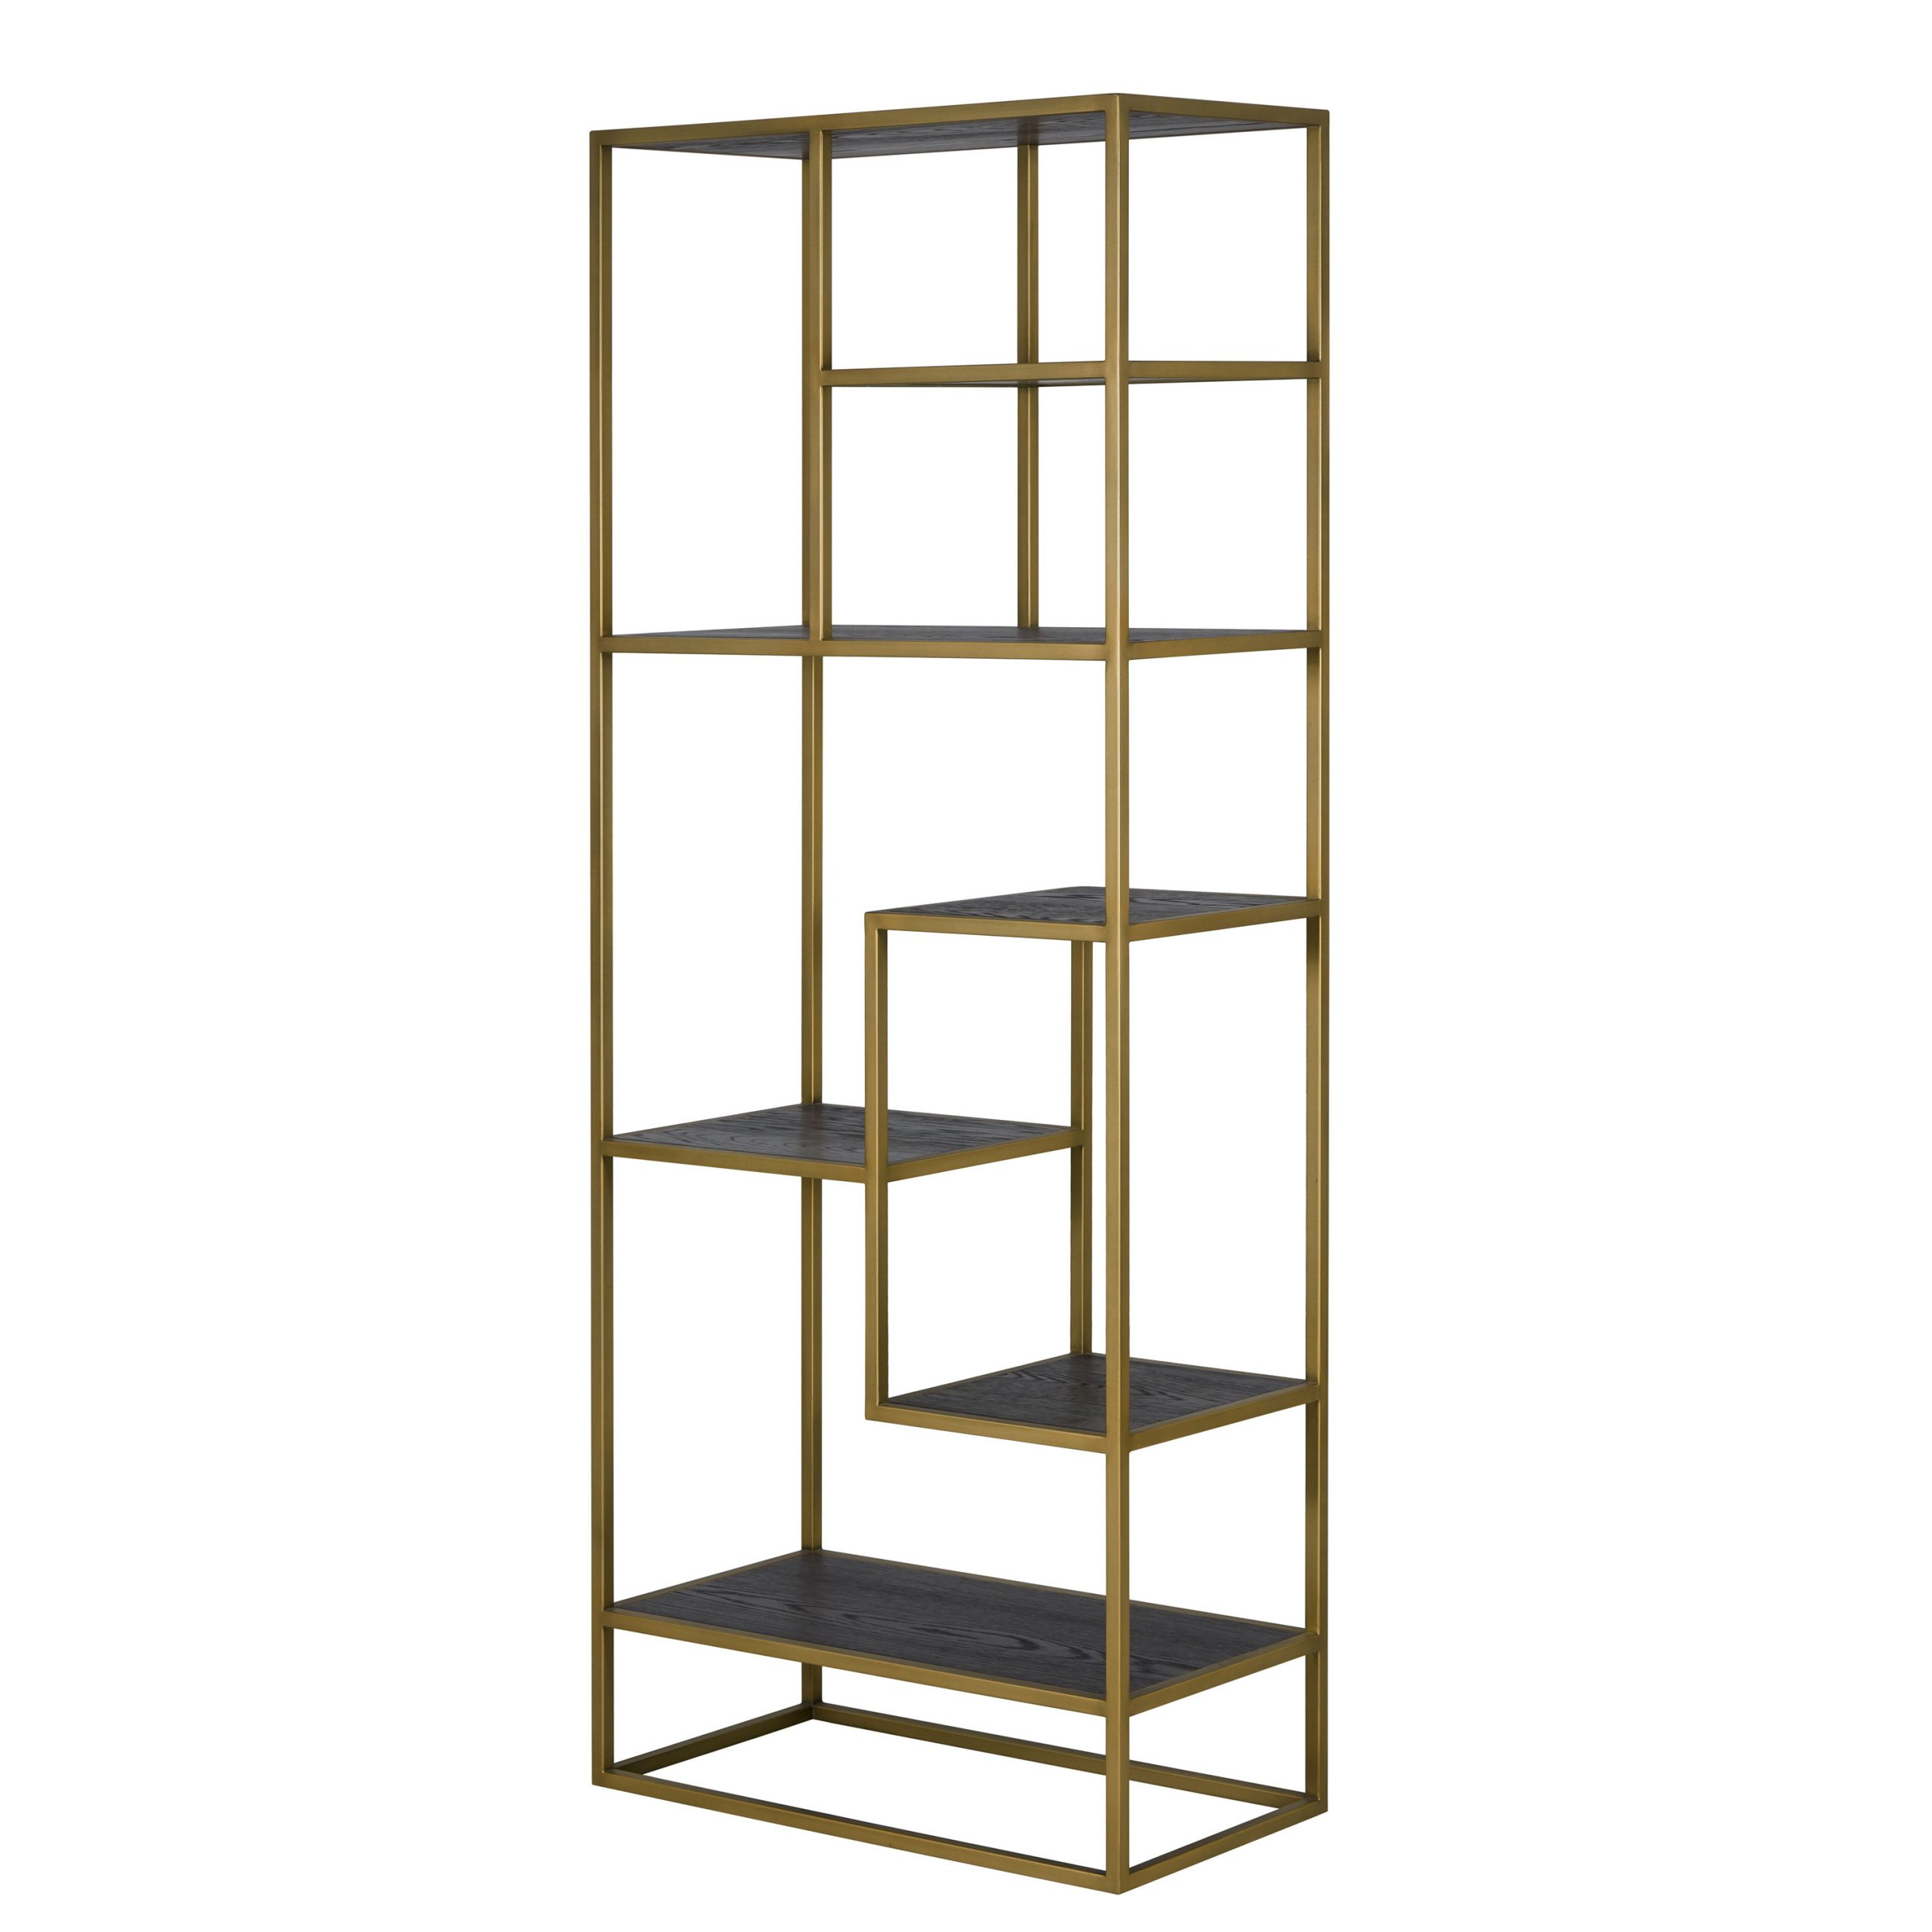 Shelving unit, black wood veneer, burnished gold frame